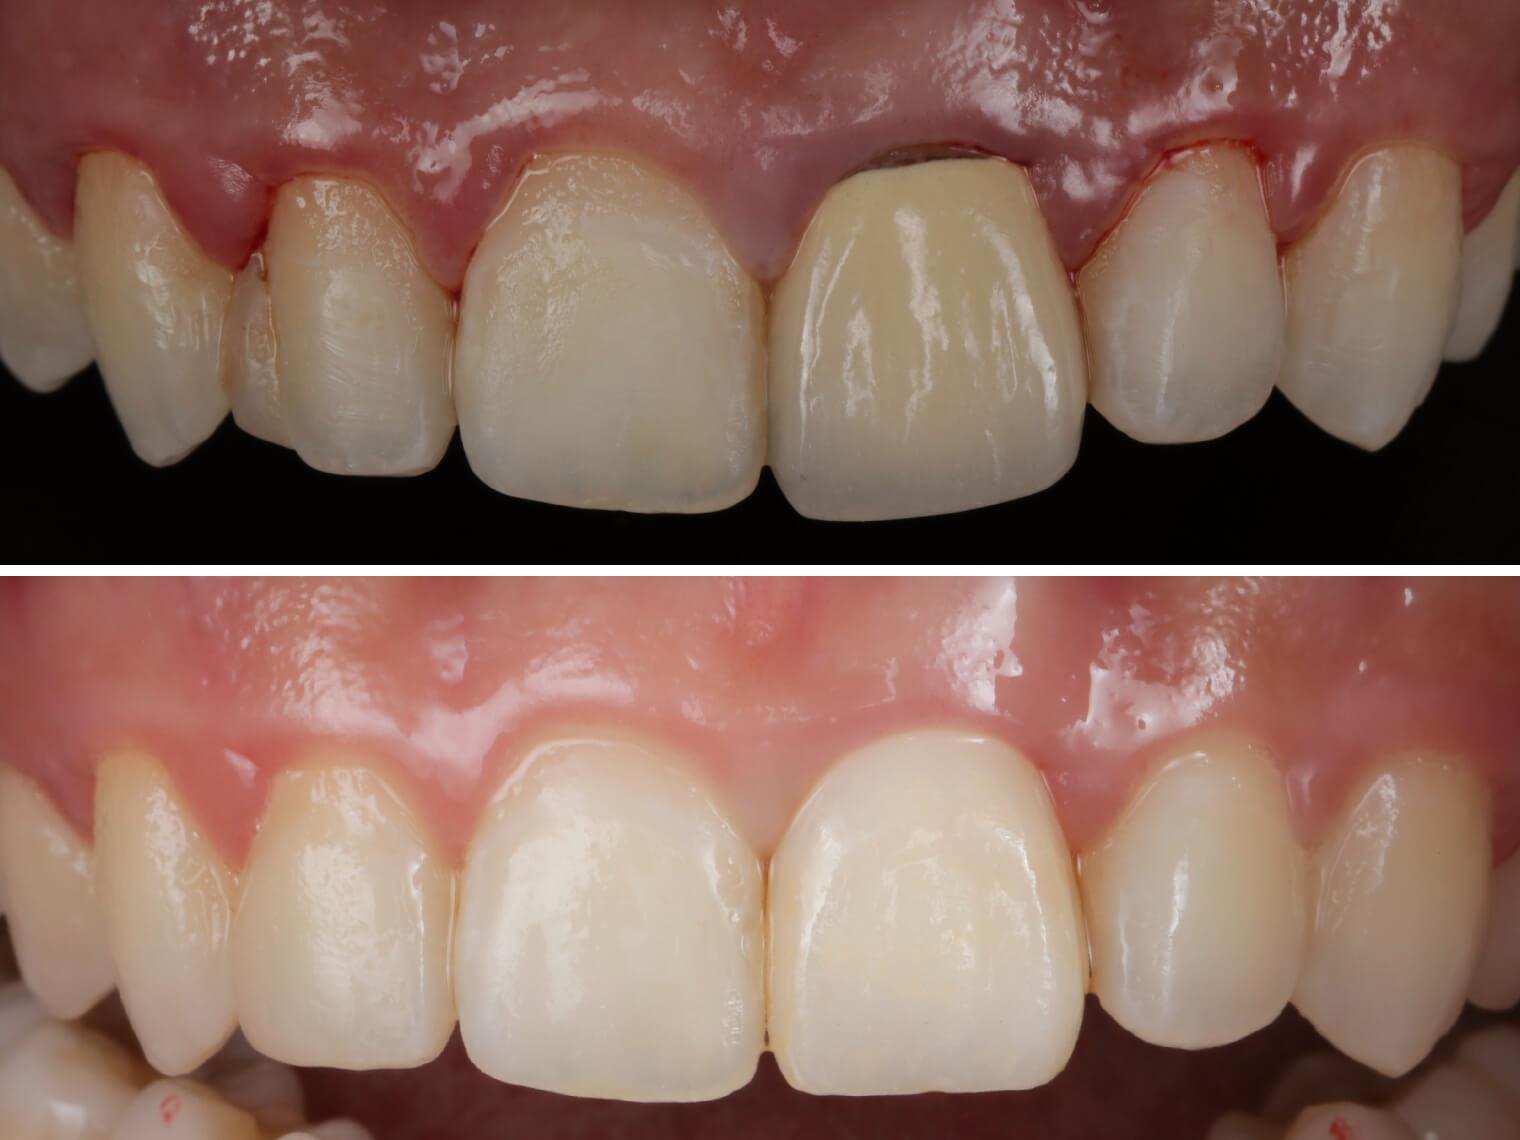 拍照時老舊的門牙假牙、崩壞的側門牙填補物都會很顯眼有事。醫師首先將側門牙舊的填補物移除,再以美學樹脂修復型態,門牙則是換上臨時假牙,待牙齦恢復健康後黏上正式的全瓷冠,就會很美了。